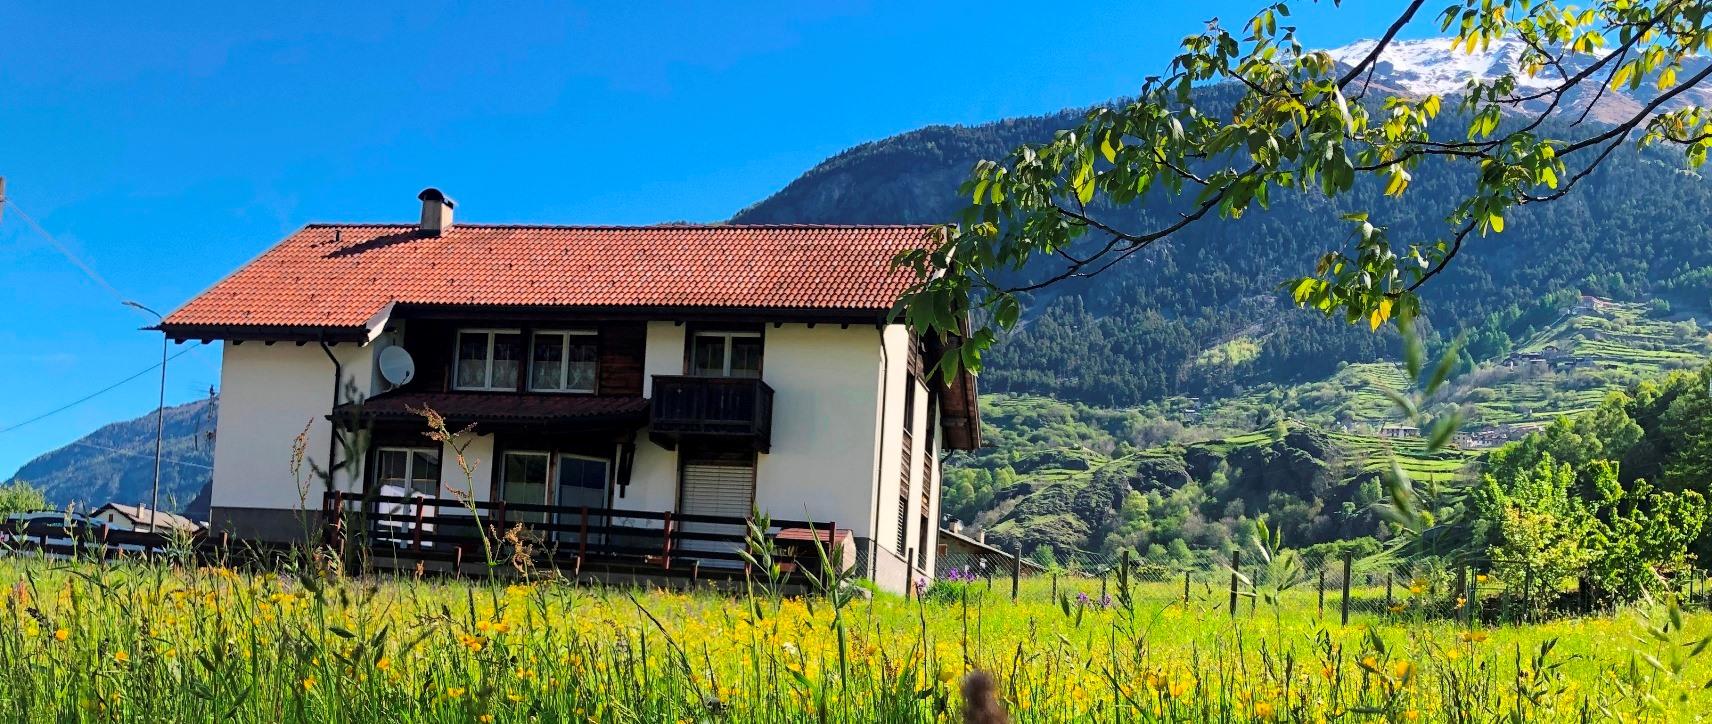 Villa immersa nel verde vicino a Bormio